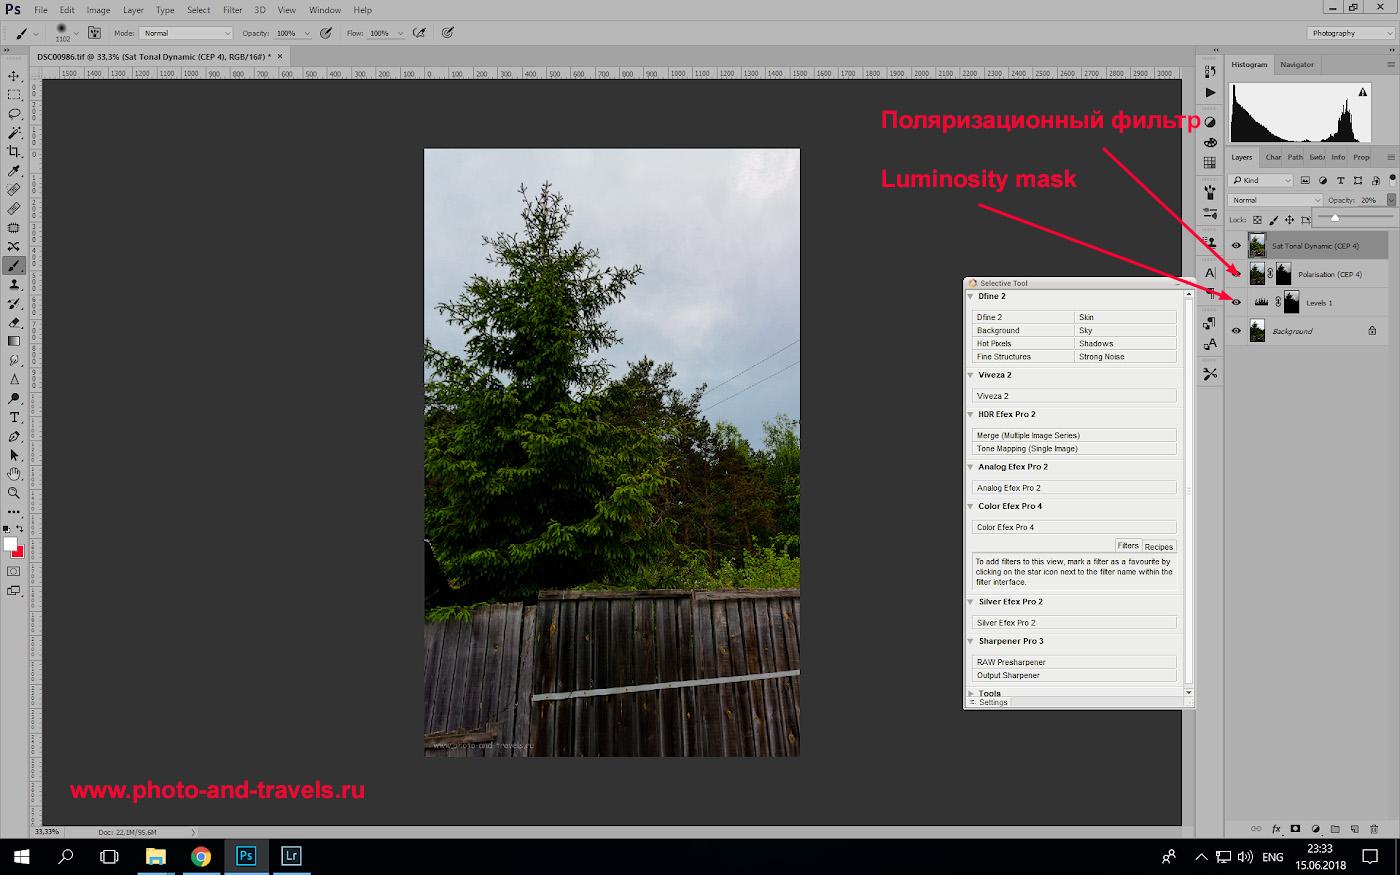 Фото 8. Использование фильтров из набора плагинов Nik Collection для улучшения изображения. Фотоуроки для владельцев Sony A6000, Sony A6300 и Sony A6500.